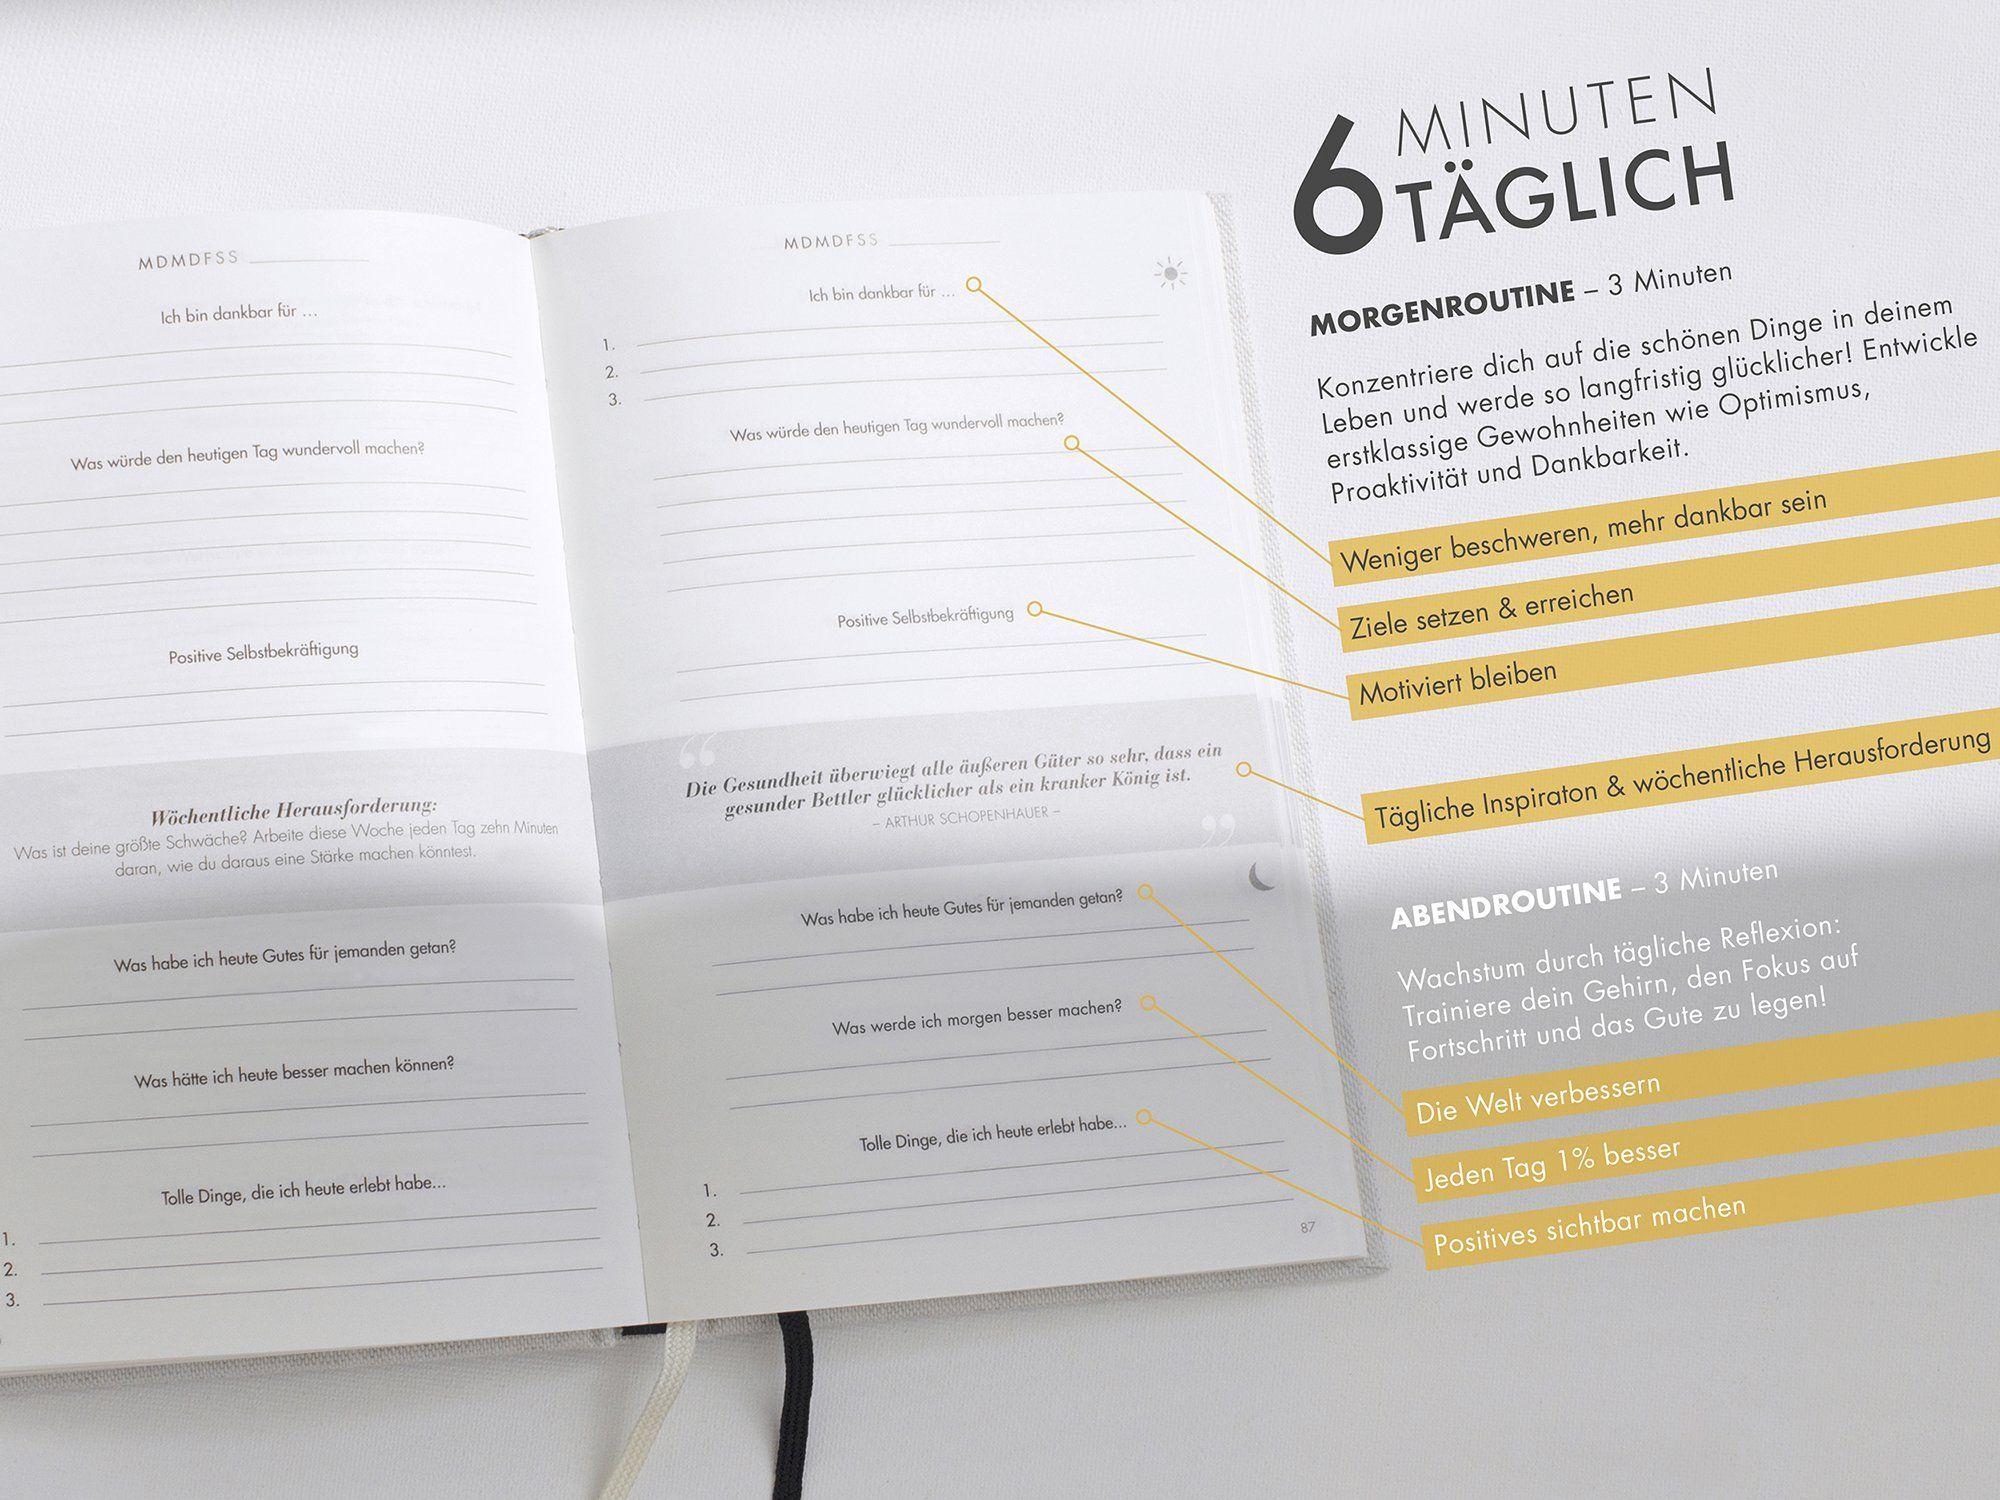 Das 6 Minuten Tagebuch Ein Buch Das Dein Leben Verandert Mix Aus Sach Praxis Und Notizbuch Von Dominik Spenst Ebook Buch Buch Notizbuch Bucher Notiz